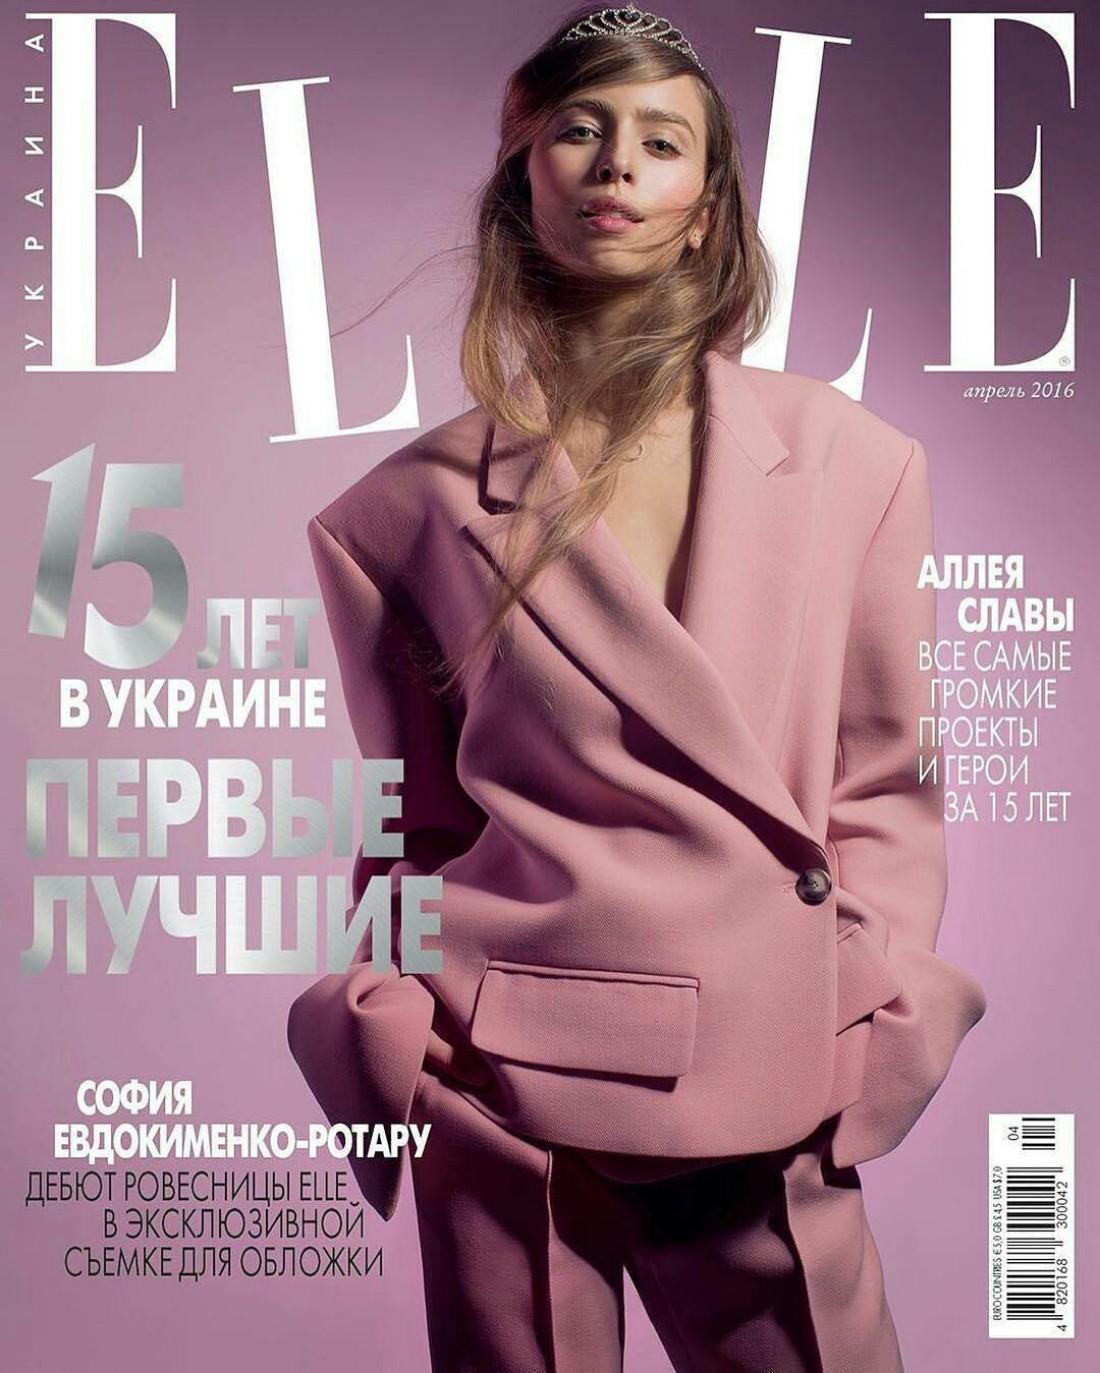 Соня Евдокименко на обложке Elle